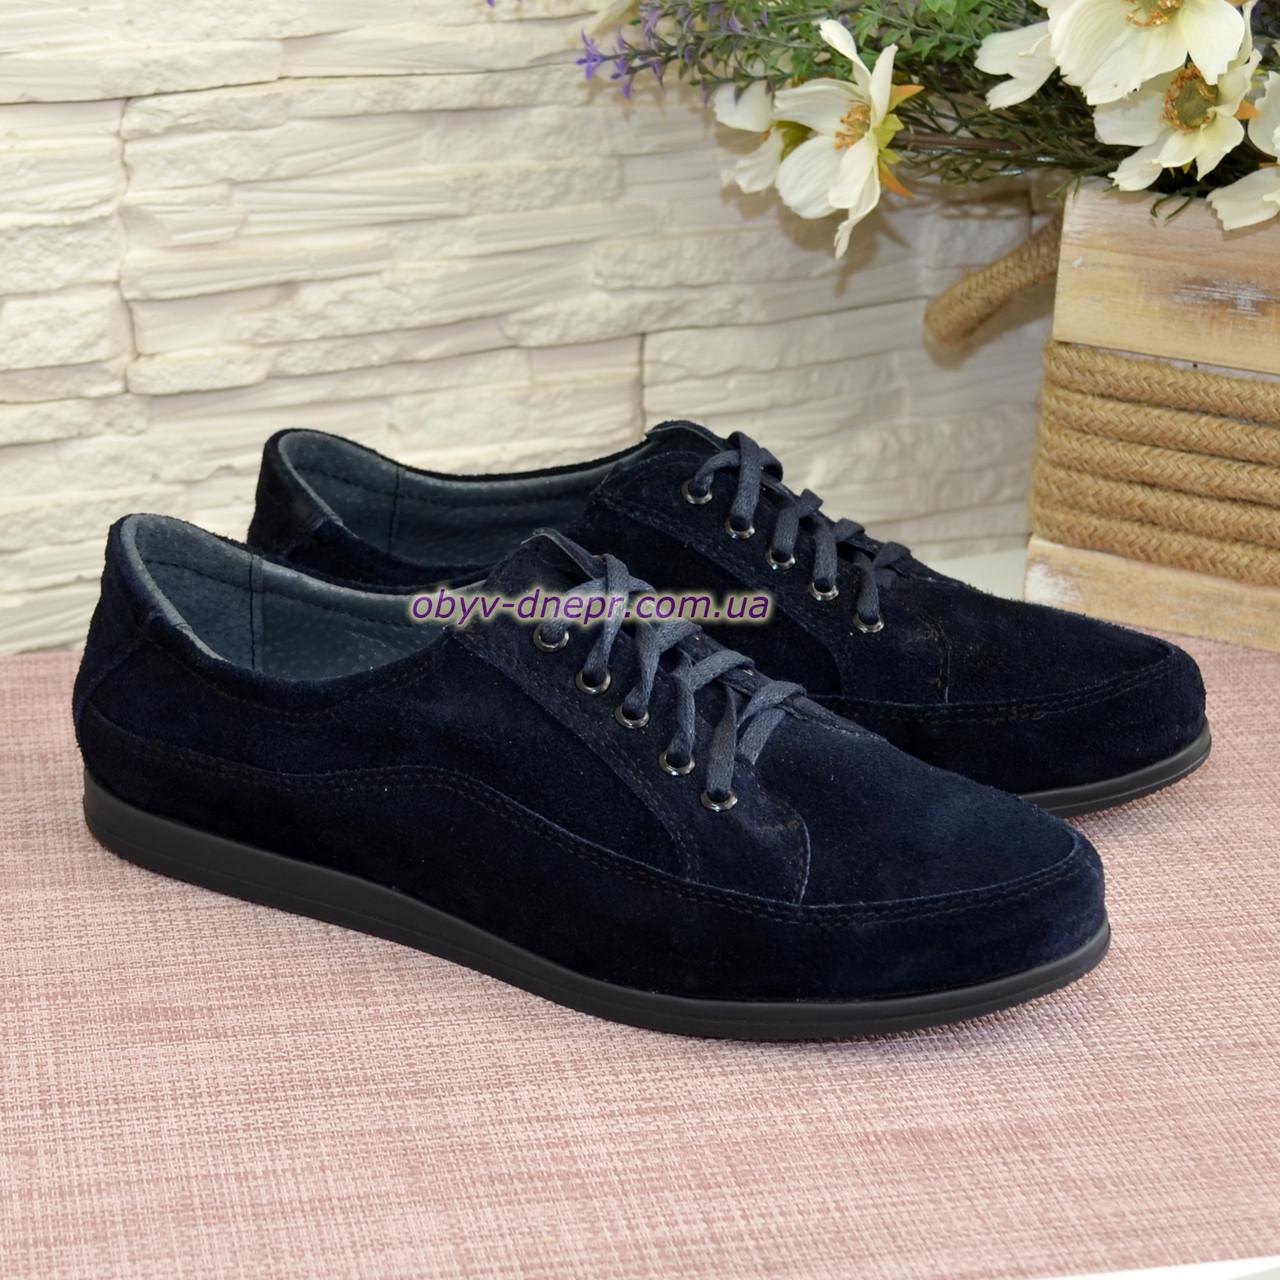 """Туфли женские замшевые на шнуровке. Цвет синий. ТМ """"Maestro"""""""